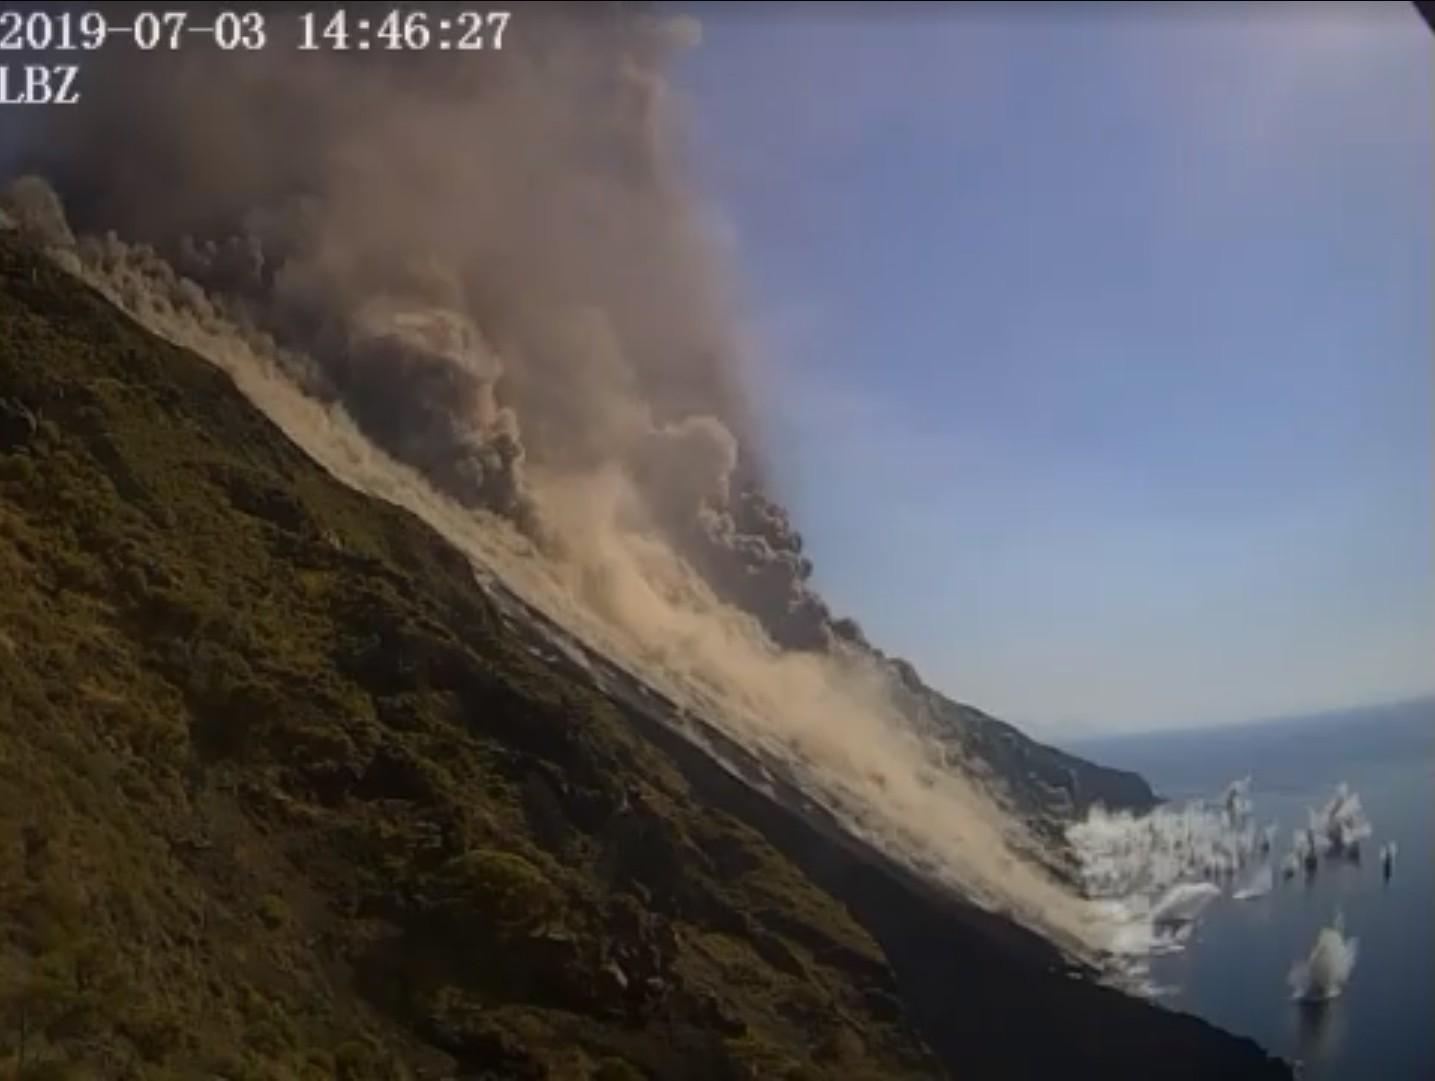 Ballistic ejecta landing into the sea (image: LBZ webcam)